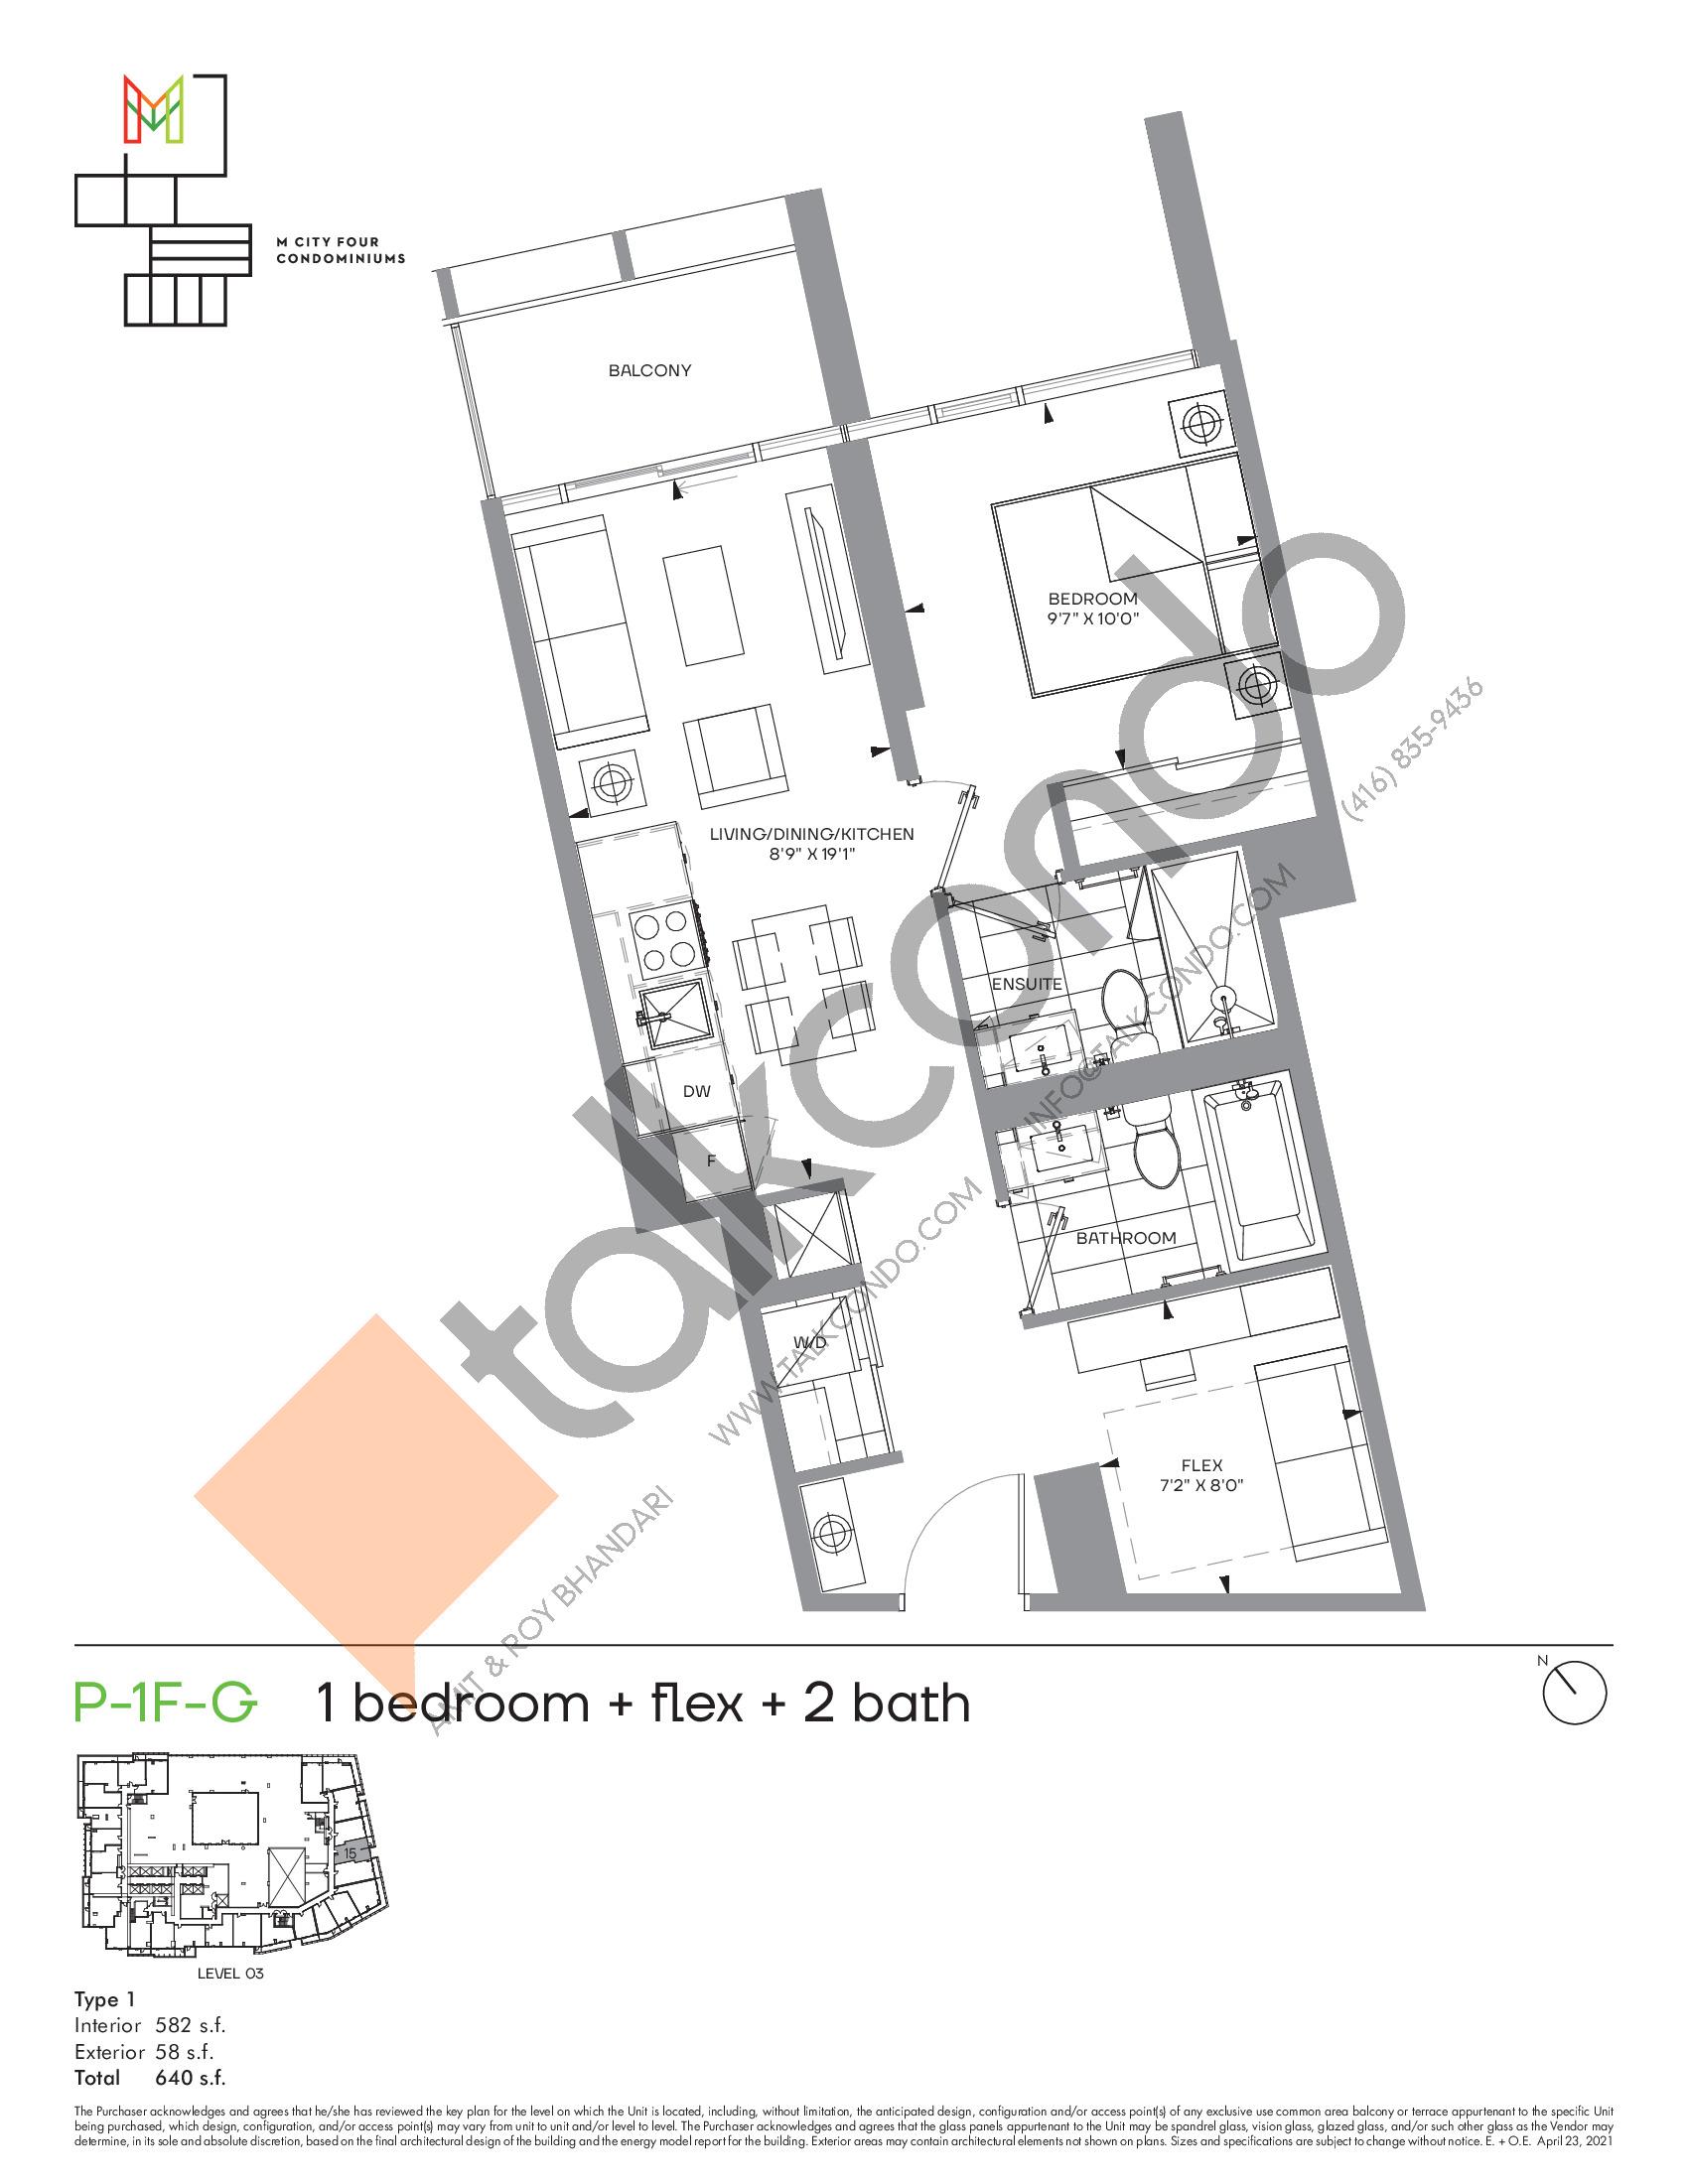 P-1F-G (Podium) Floor Plan at M4 Condos - 582 sq.ft